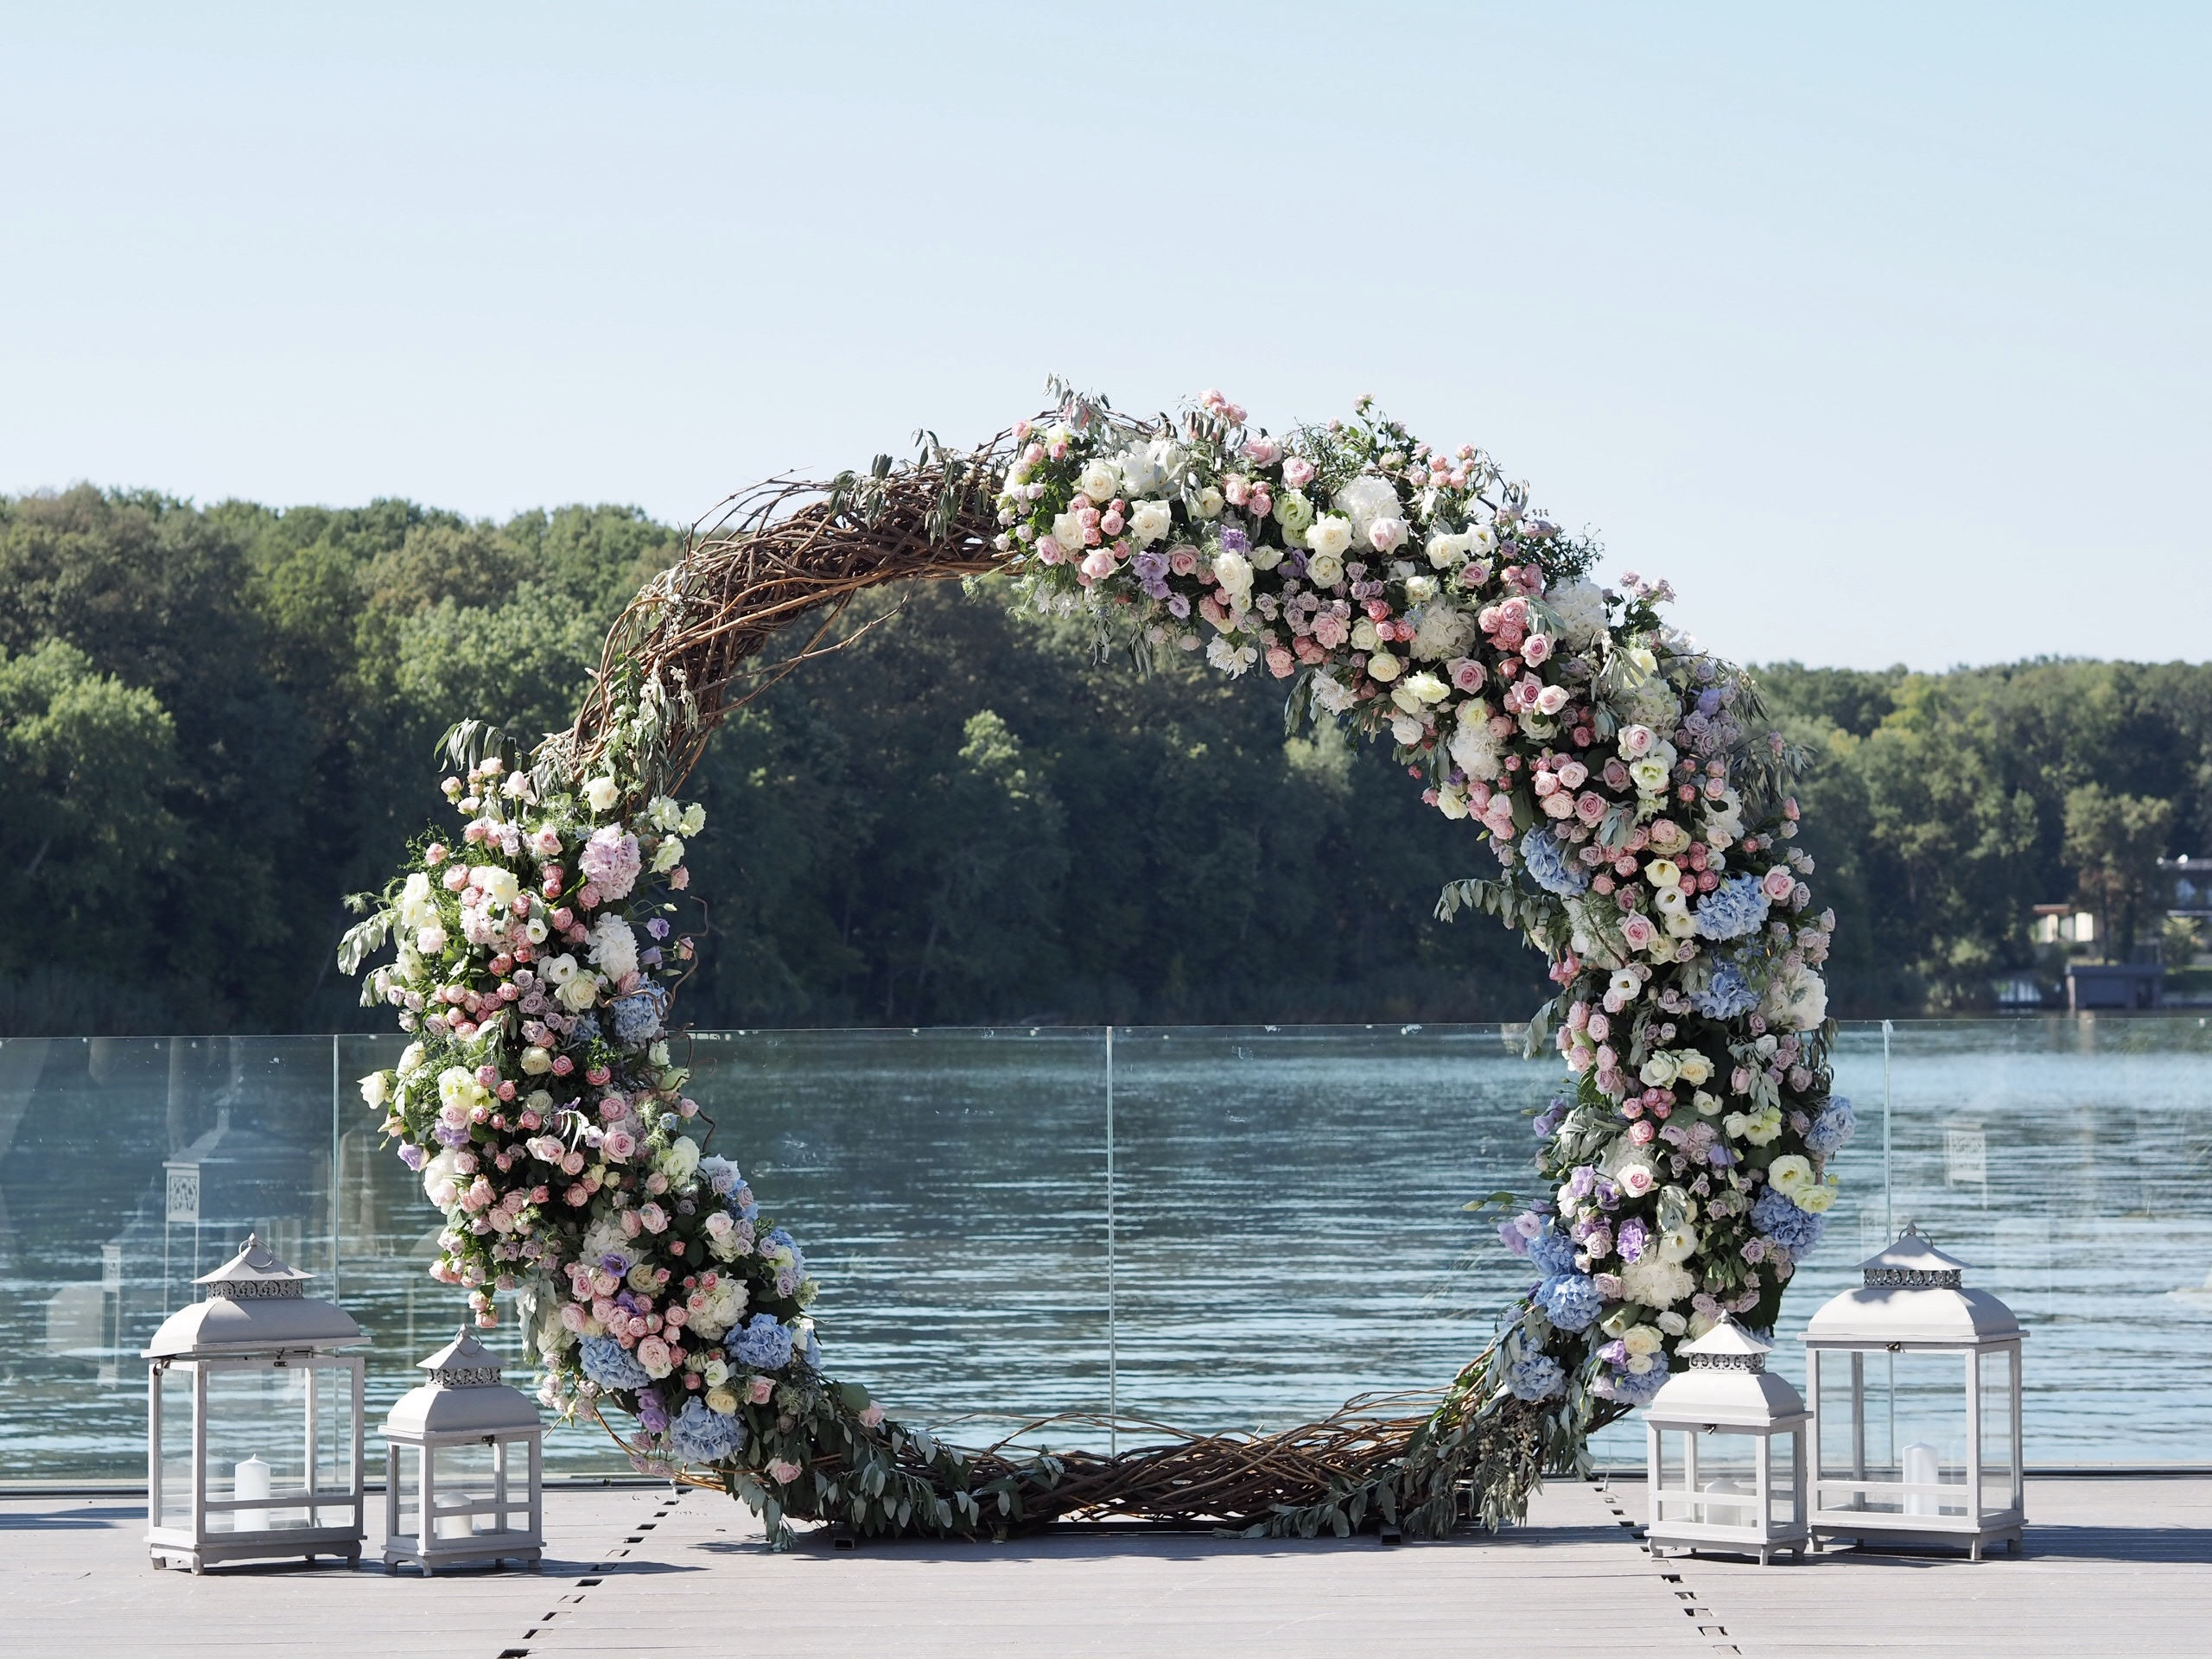 Cerc decorat cu flori